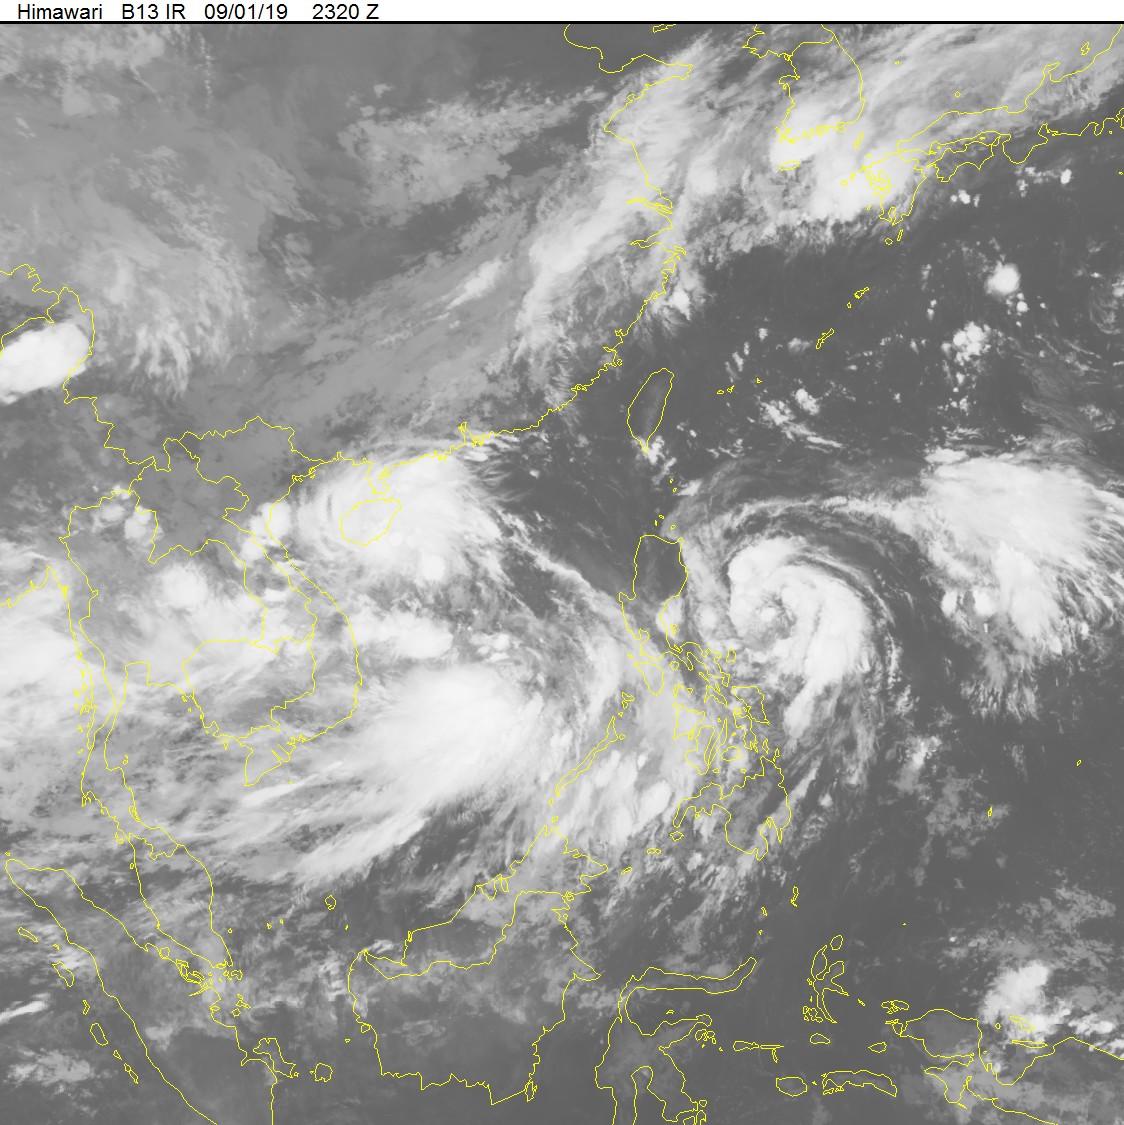 MỚI: Biển Đông có thêm áp thấp nhiệt đới, khả năng thành song bão? - Ảnh 2